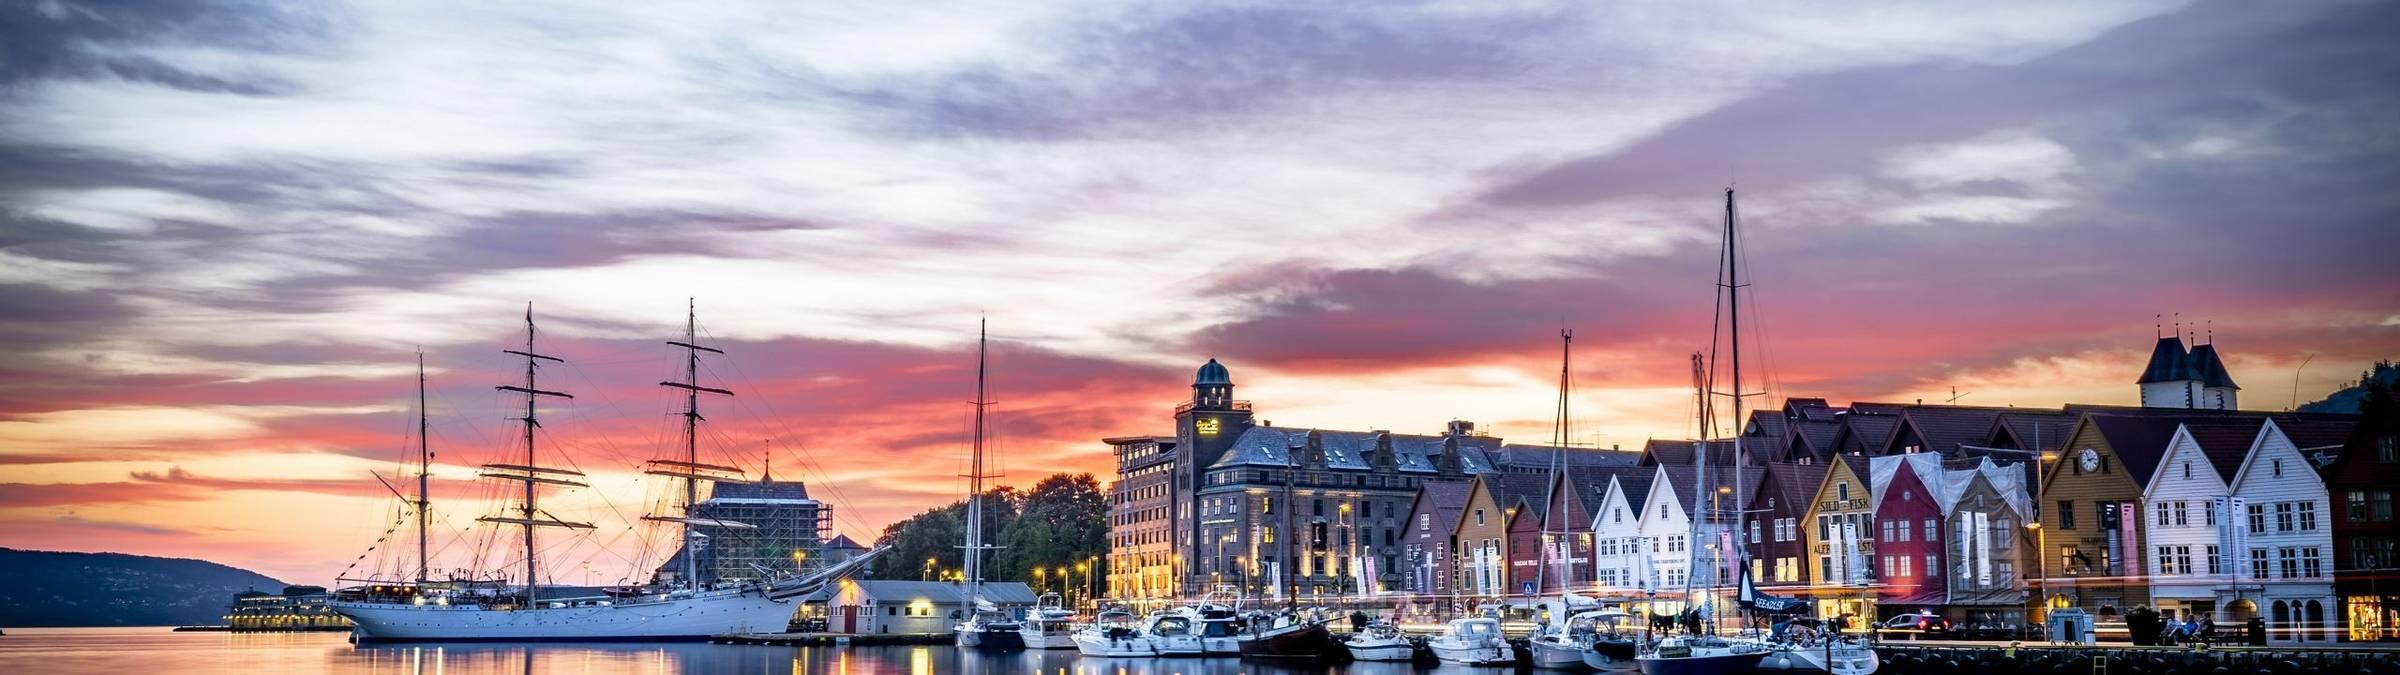 BRYGGEN-LEHMKUHL-LARS-KORVALD-FULLE-RETTIGHETER-LIGGENDE-6073313- Credit Bergen Tourist Board & Lars Korvald - VisitBergen.com